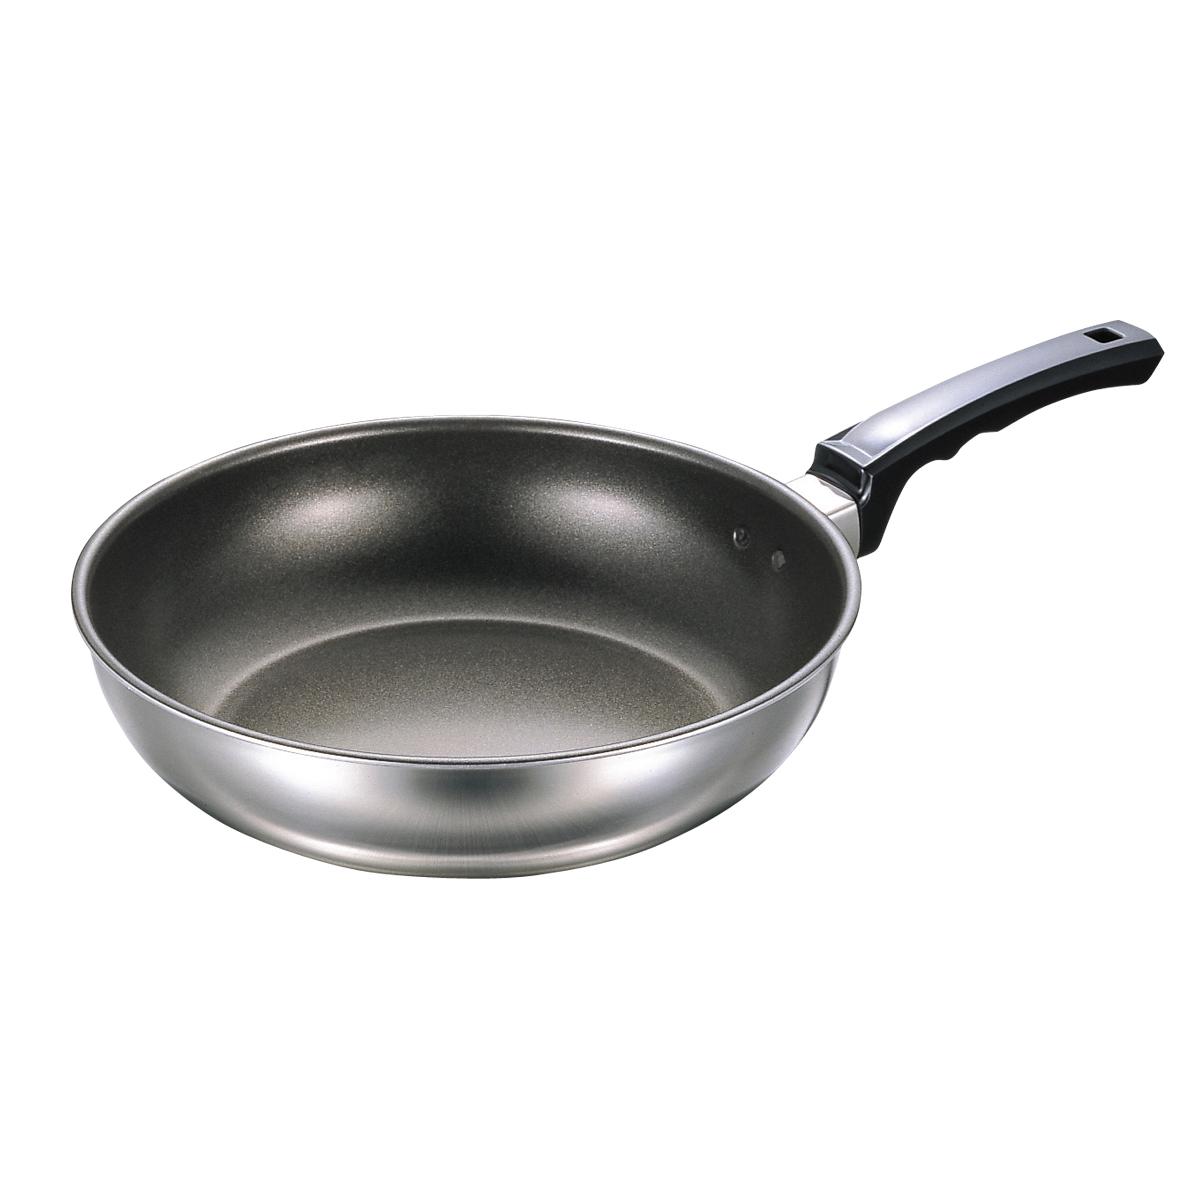 フジ IHいため鍋DX(フッ素樹脂加工) 27cm IH対応 フライパン